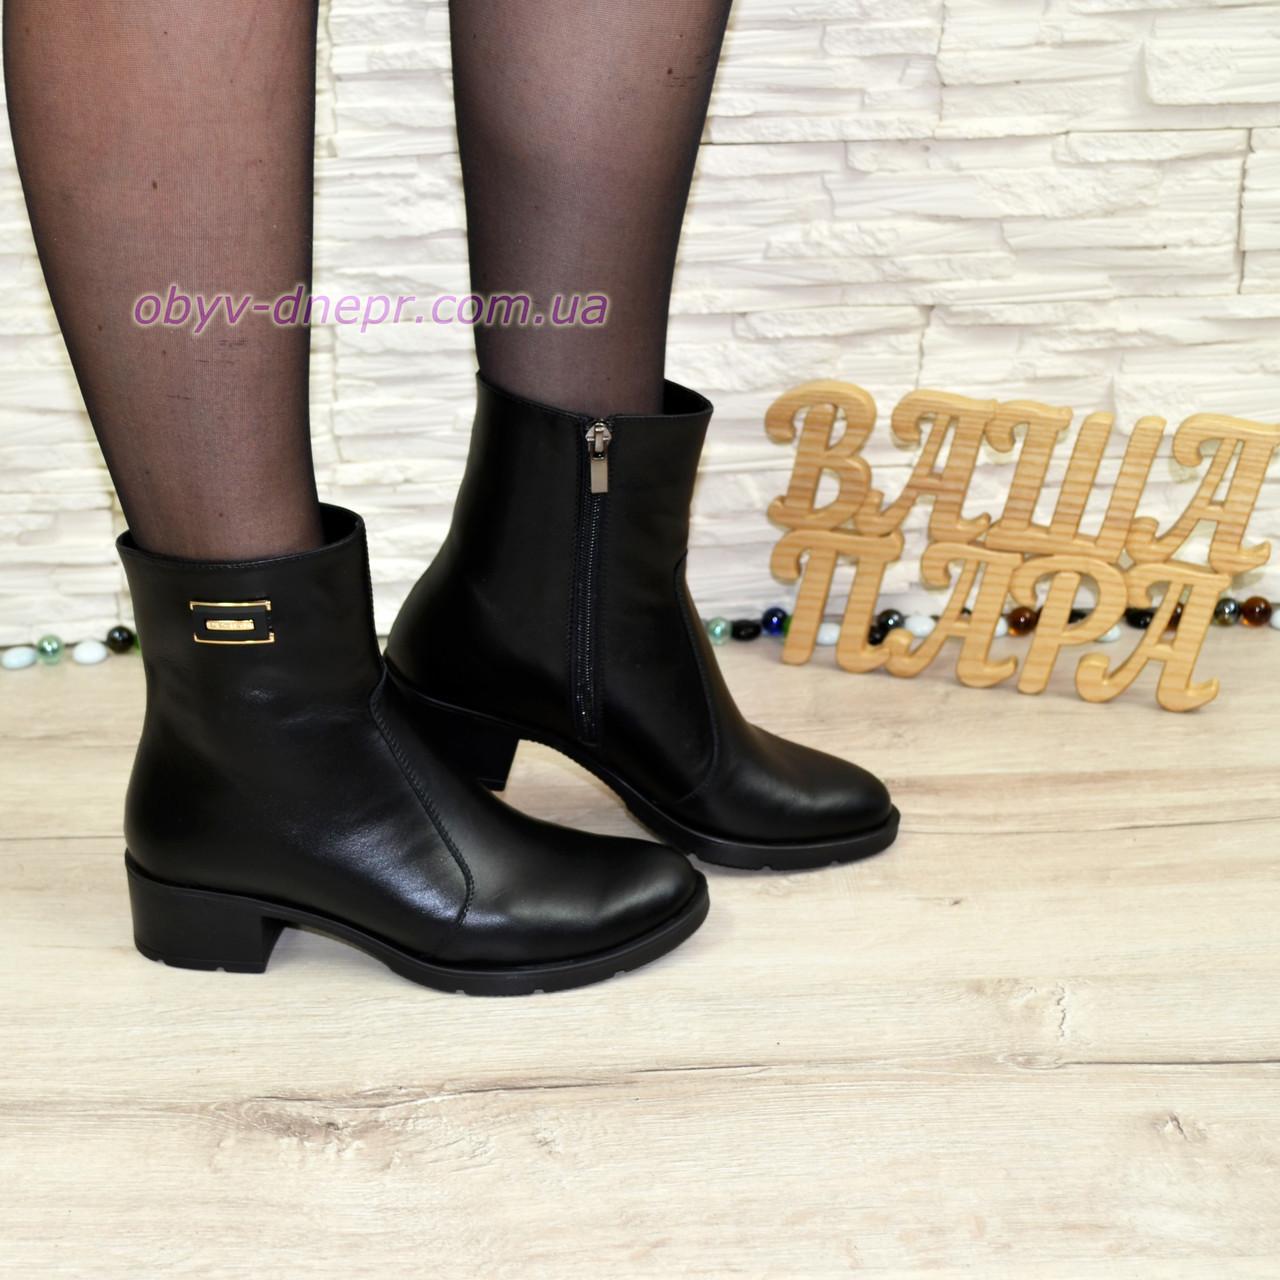 Женские кожаные демисезонные ботинки на устойчивом каблуке, декорированы фурнитурой